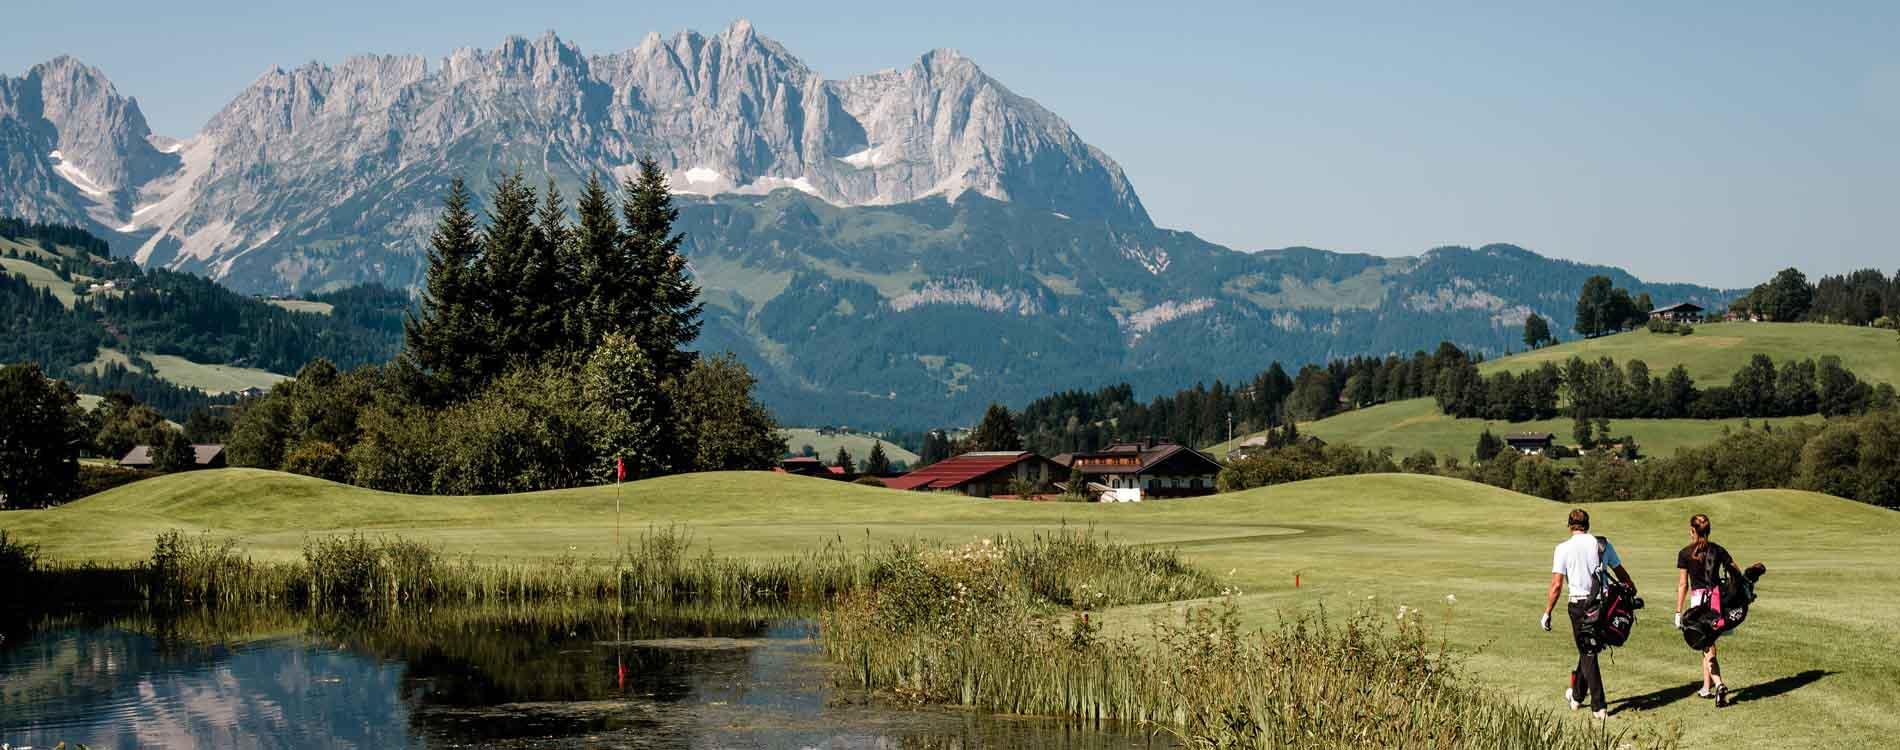 Life & style short golf break at the 5-star Relais & Châteaux Rosengarten